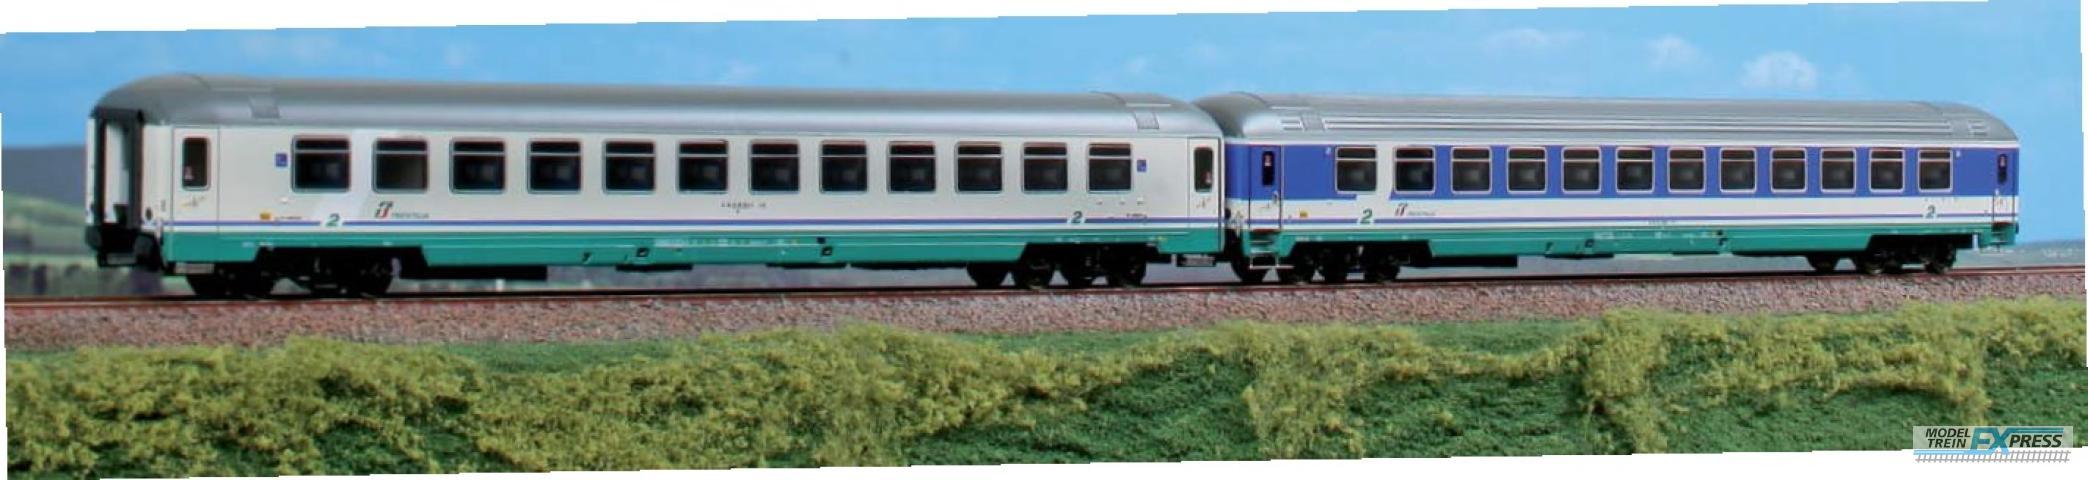 ACME 55148